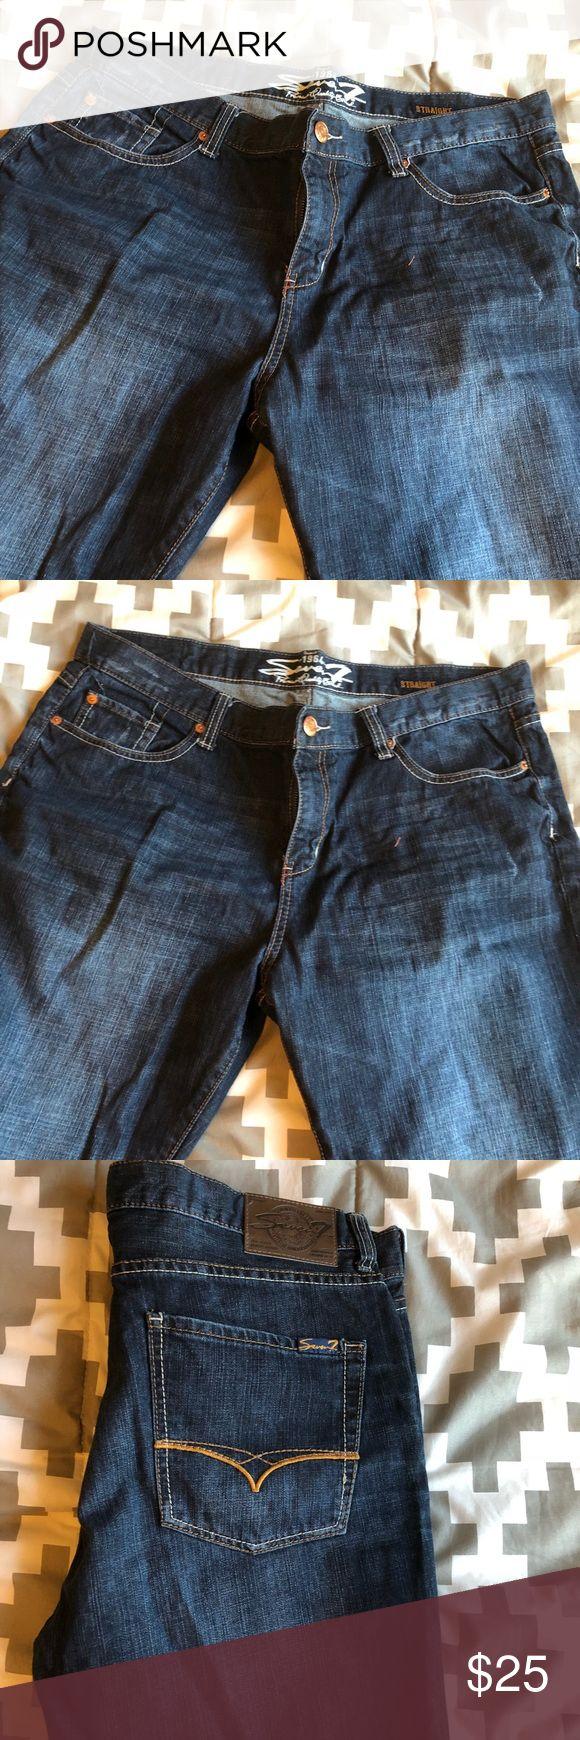 Seven jeans Men's Straight fit Seven jeans size 38/32 Jeans